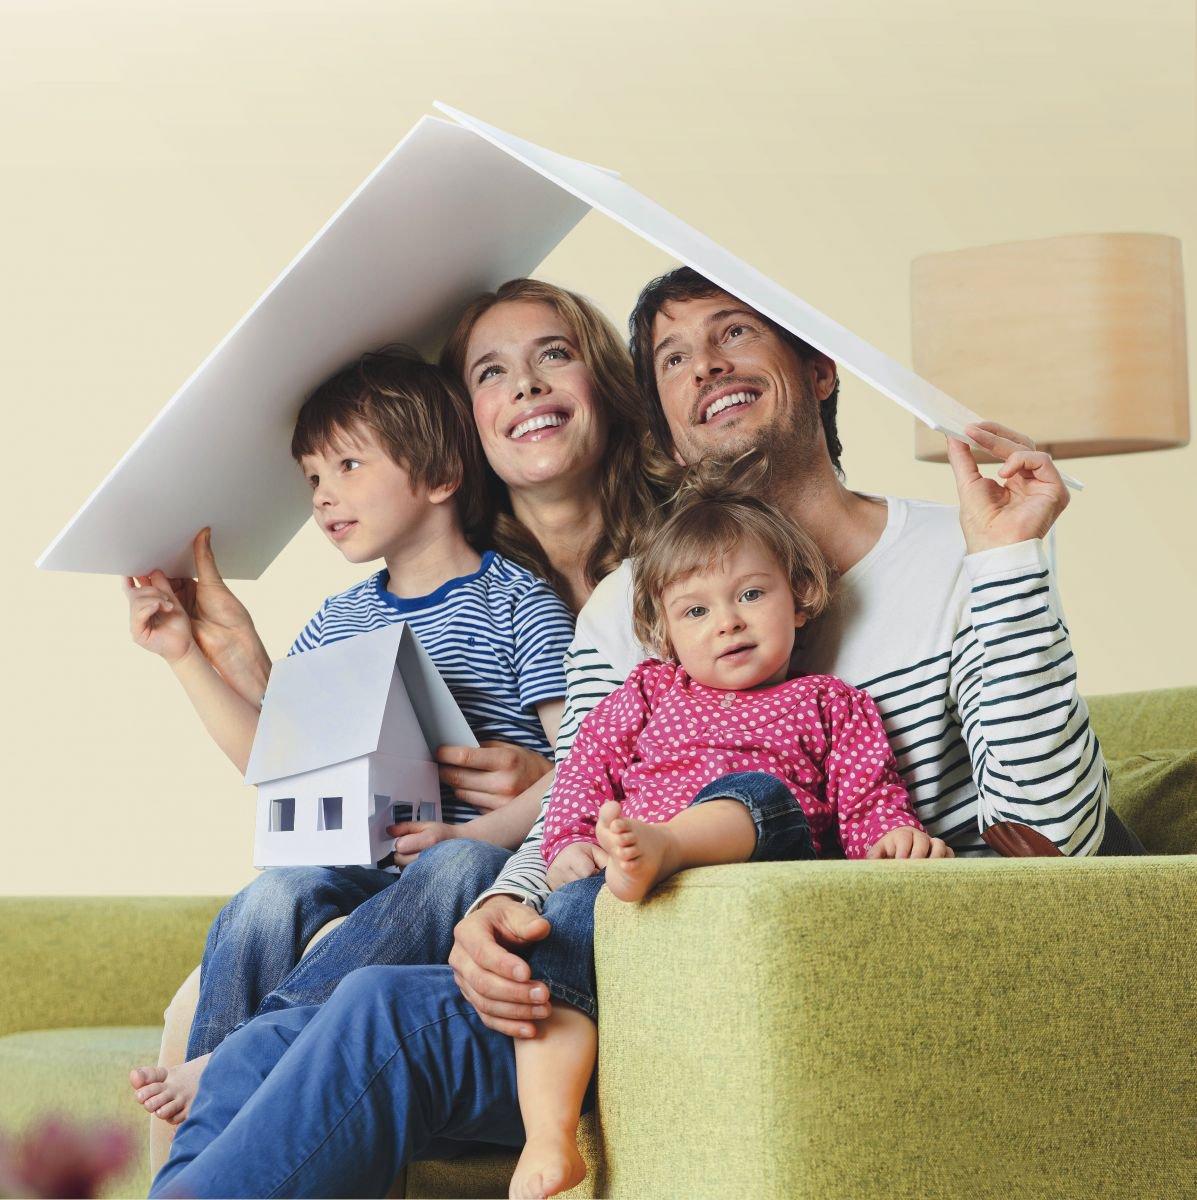 Взять кредит молодой семье на покупку квартиры онлайн кредиты м видео отзывы